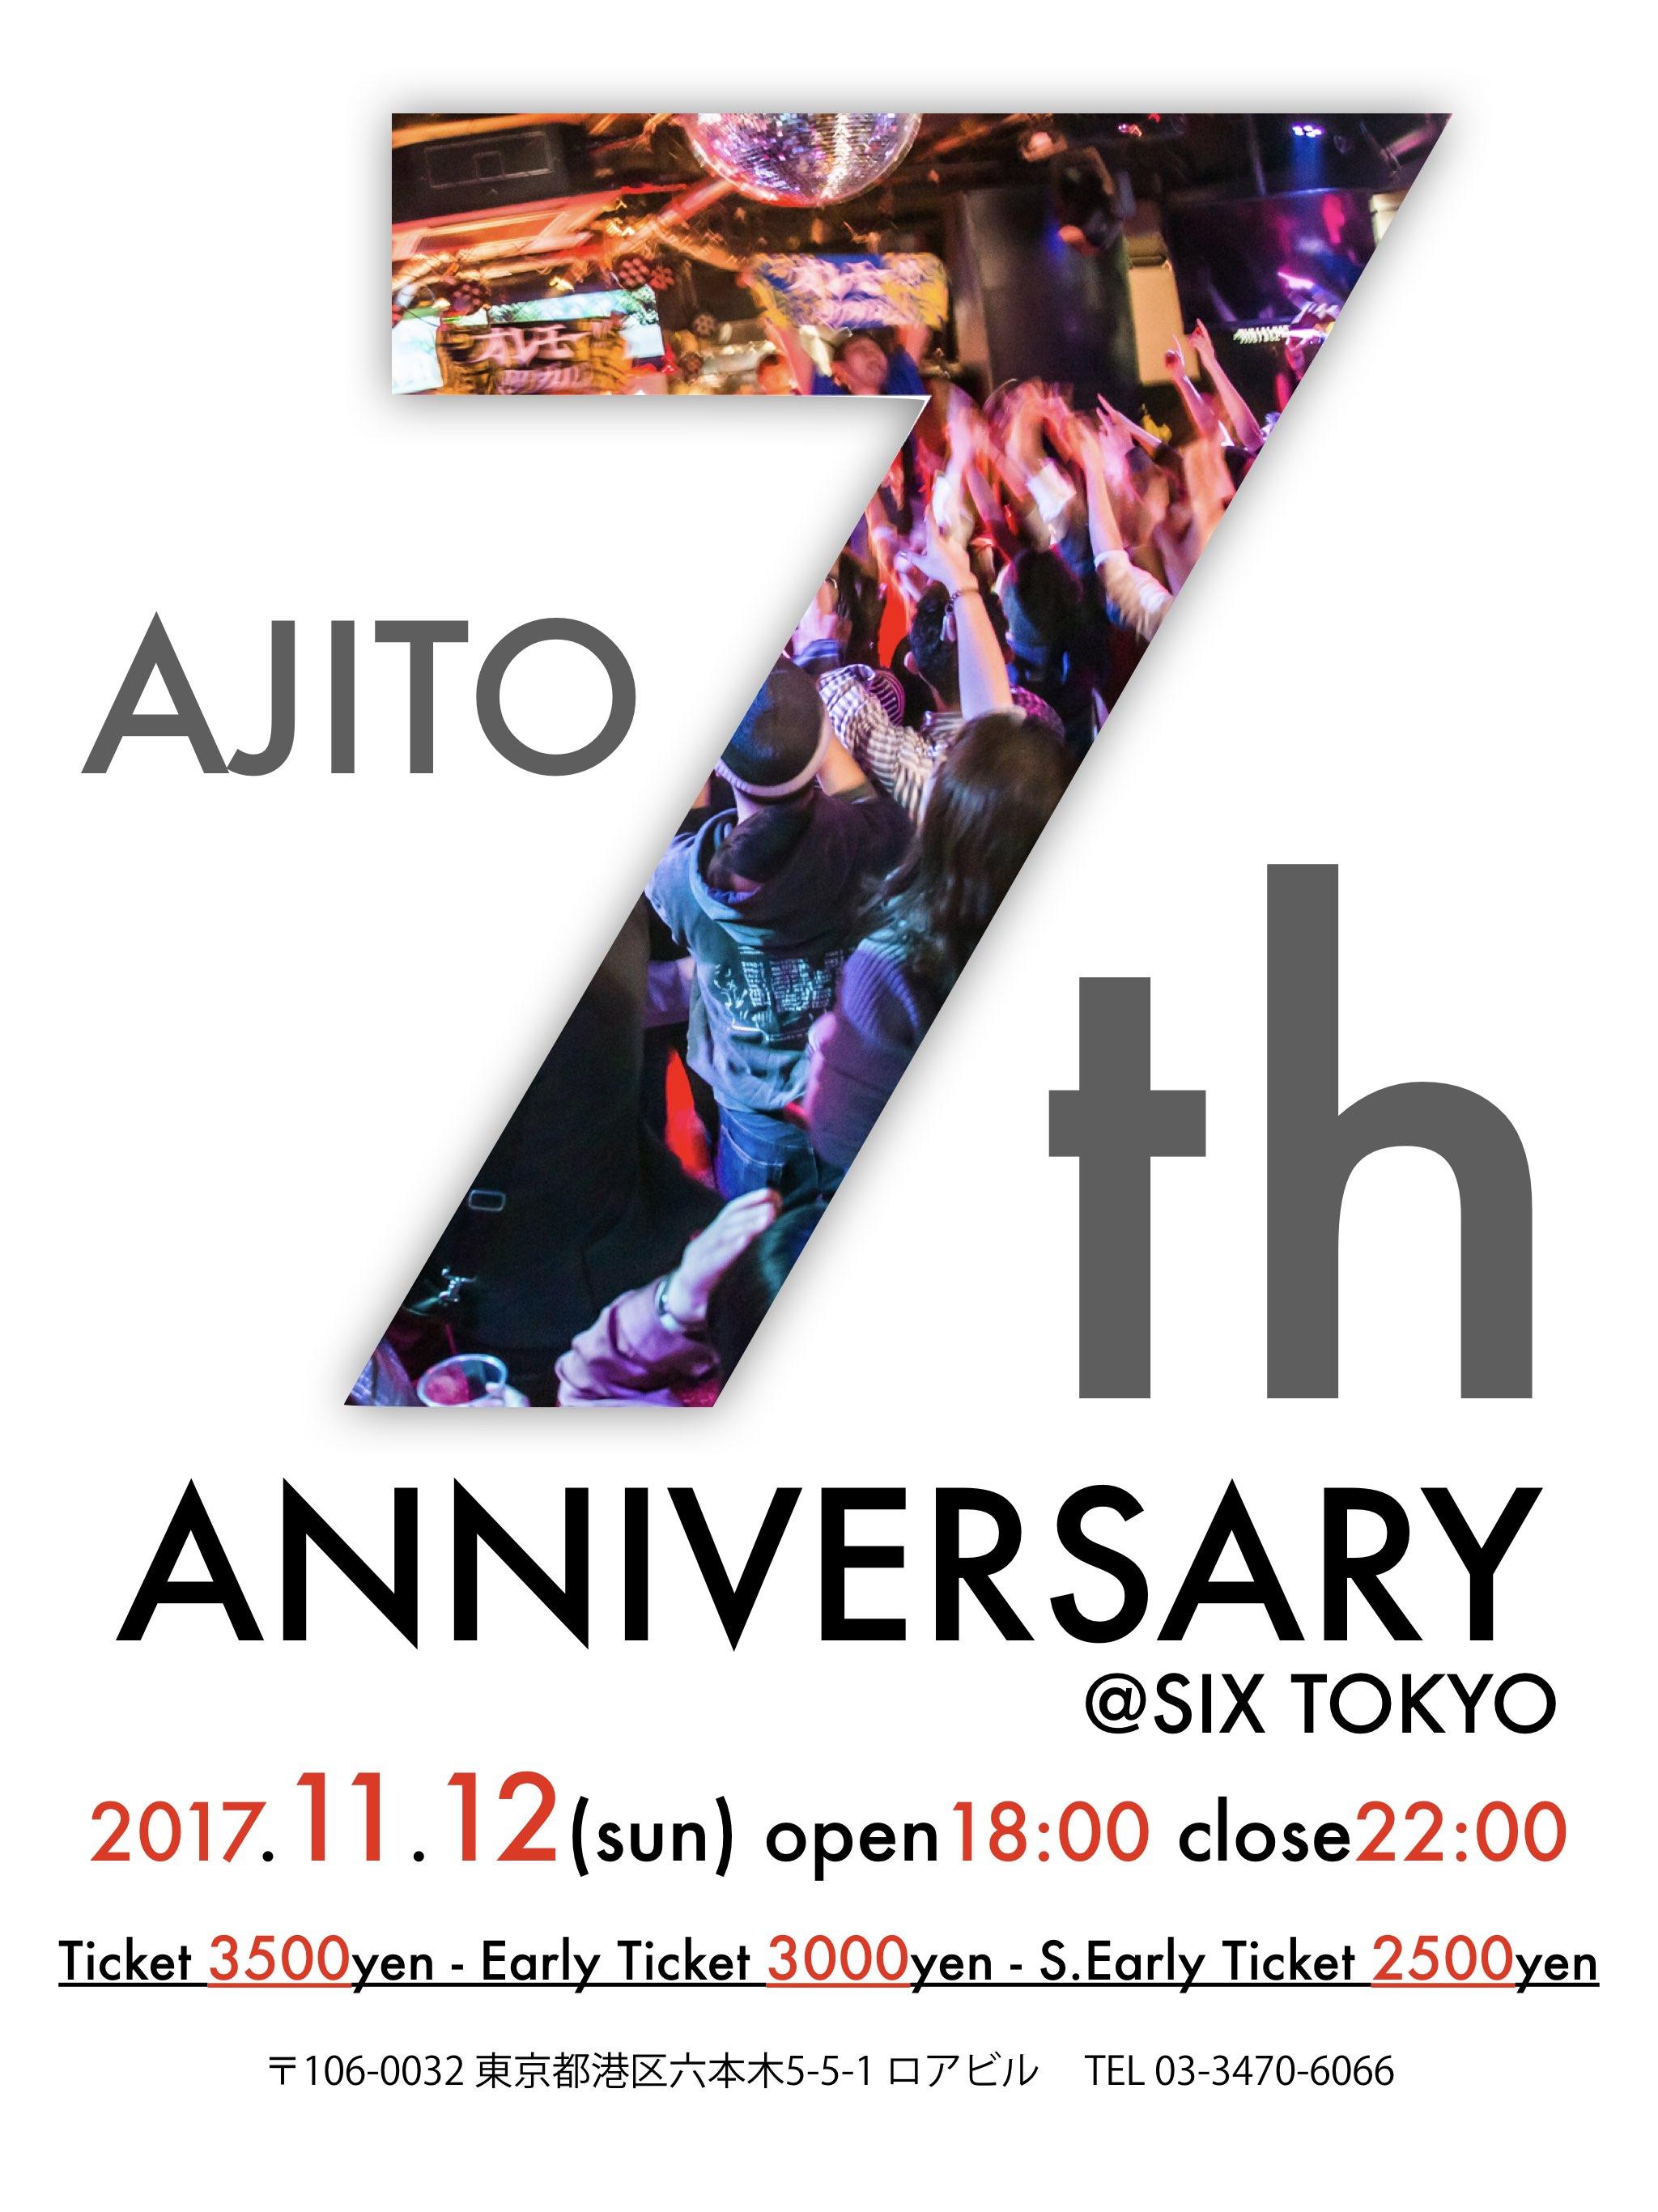 11/12(sun) AJITO 7th Anniversary